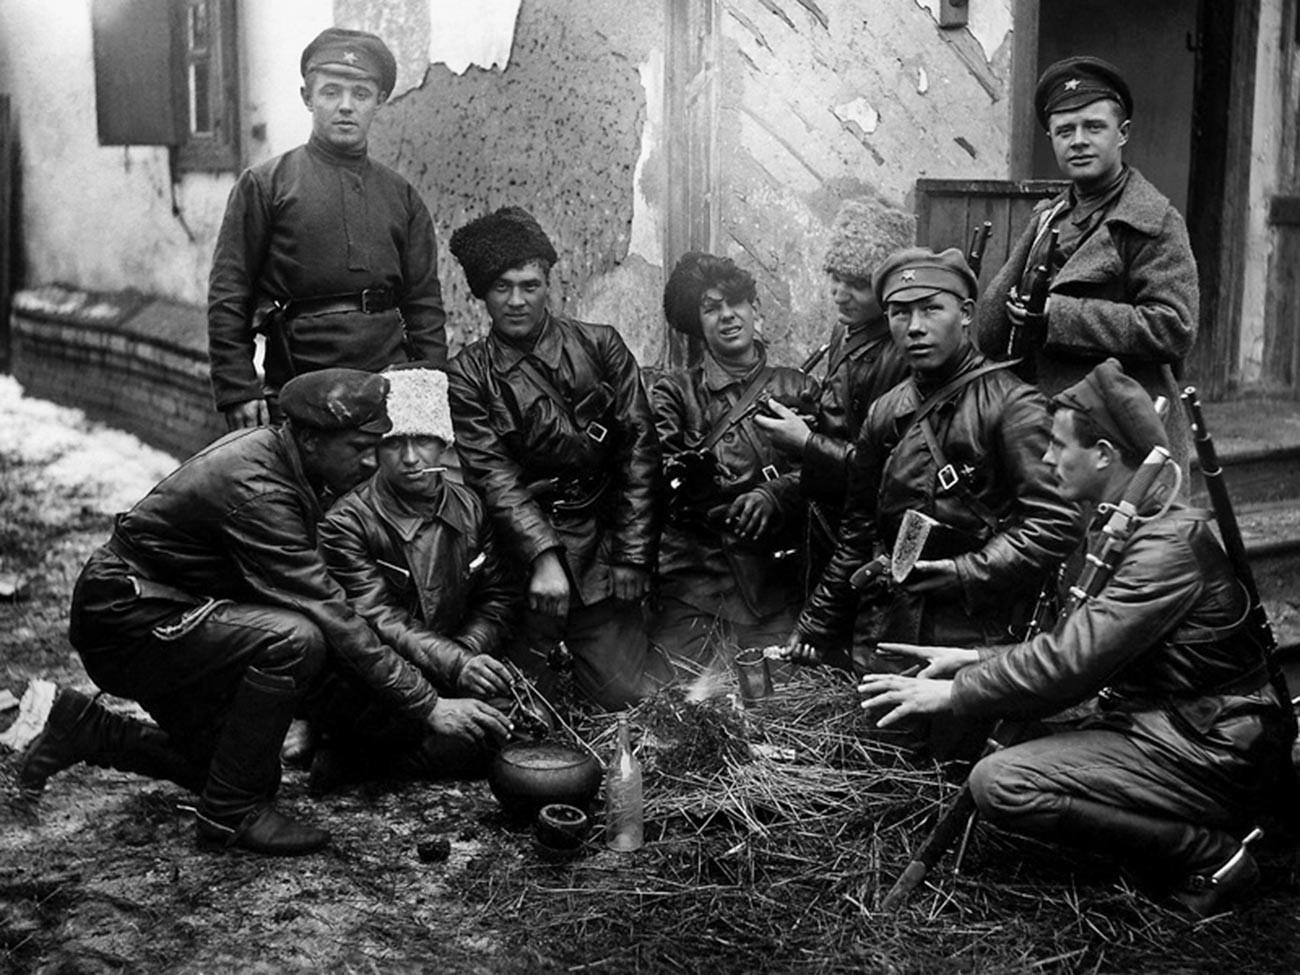 Soldados del Ejército Rojo.